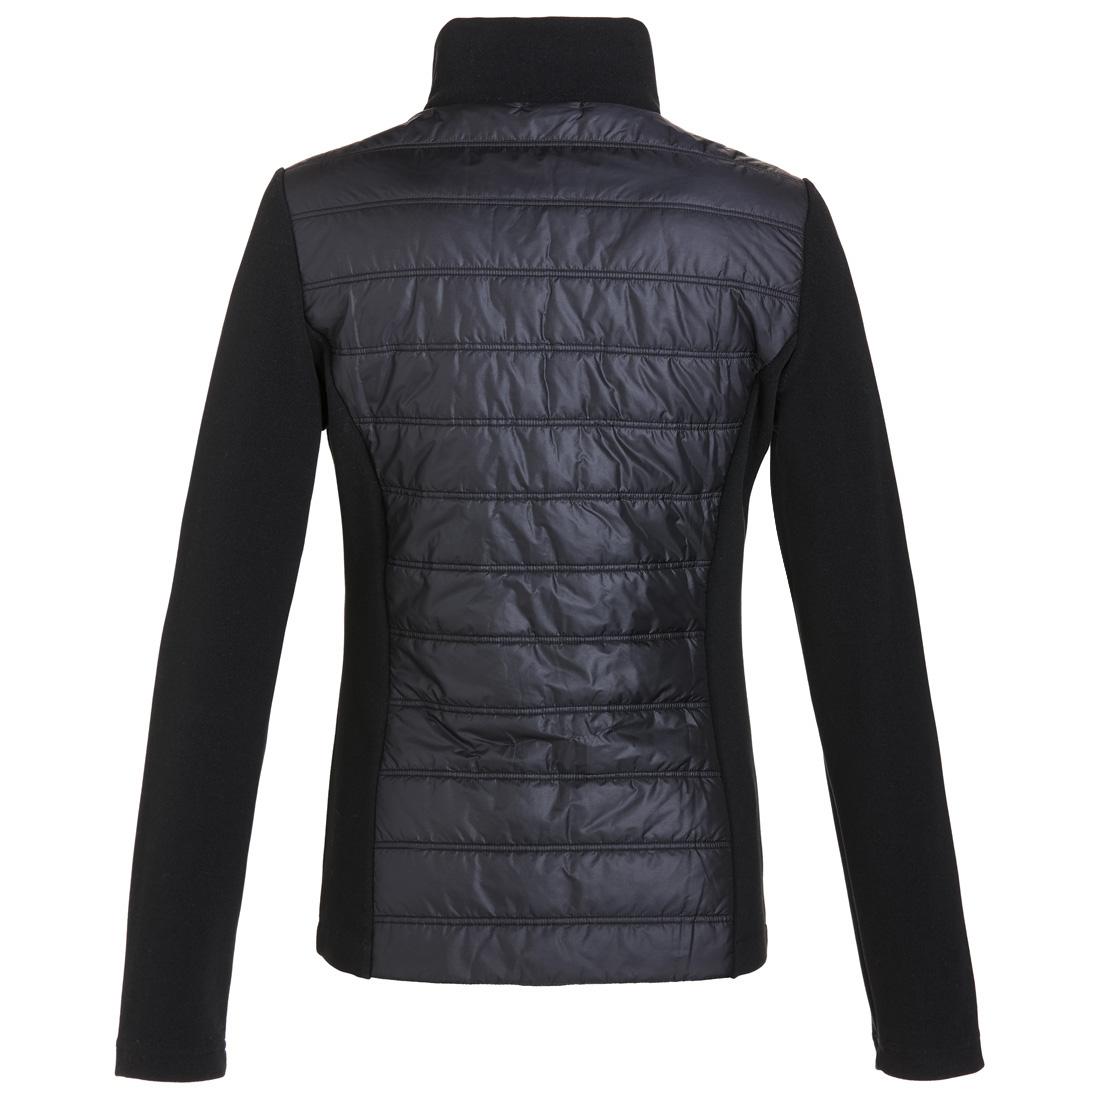 Gesteppte Damen Golfjacke mit Fleece Ärmeln und Cold Protection Funktion